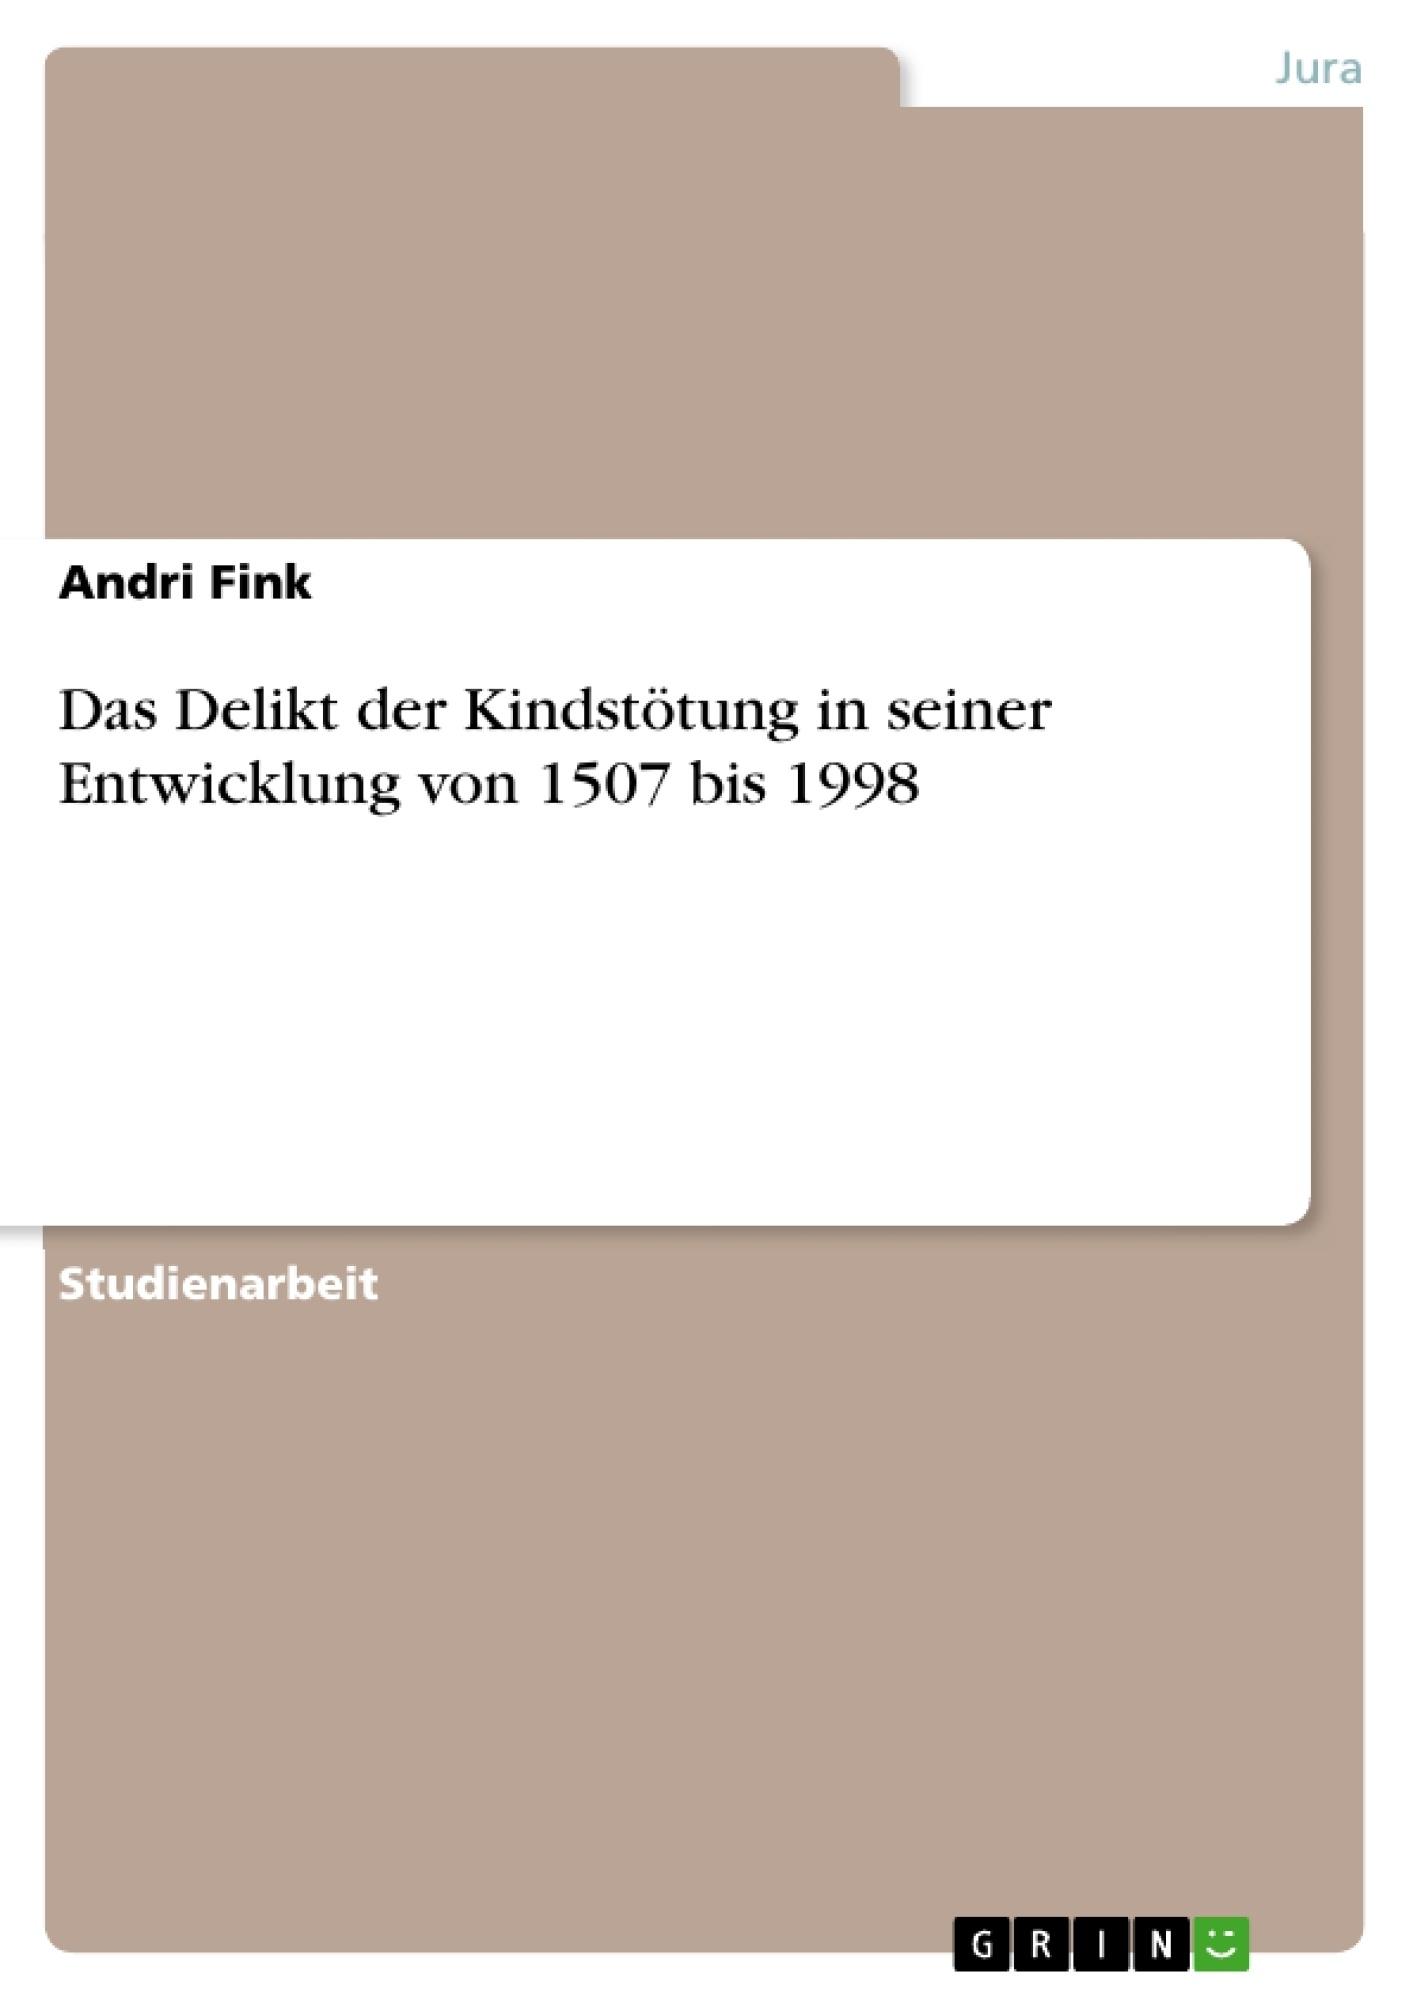 Titel: Das Delikt der Kindstötung in seiner Entwicklung von 1507 bis 1998